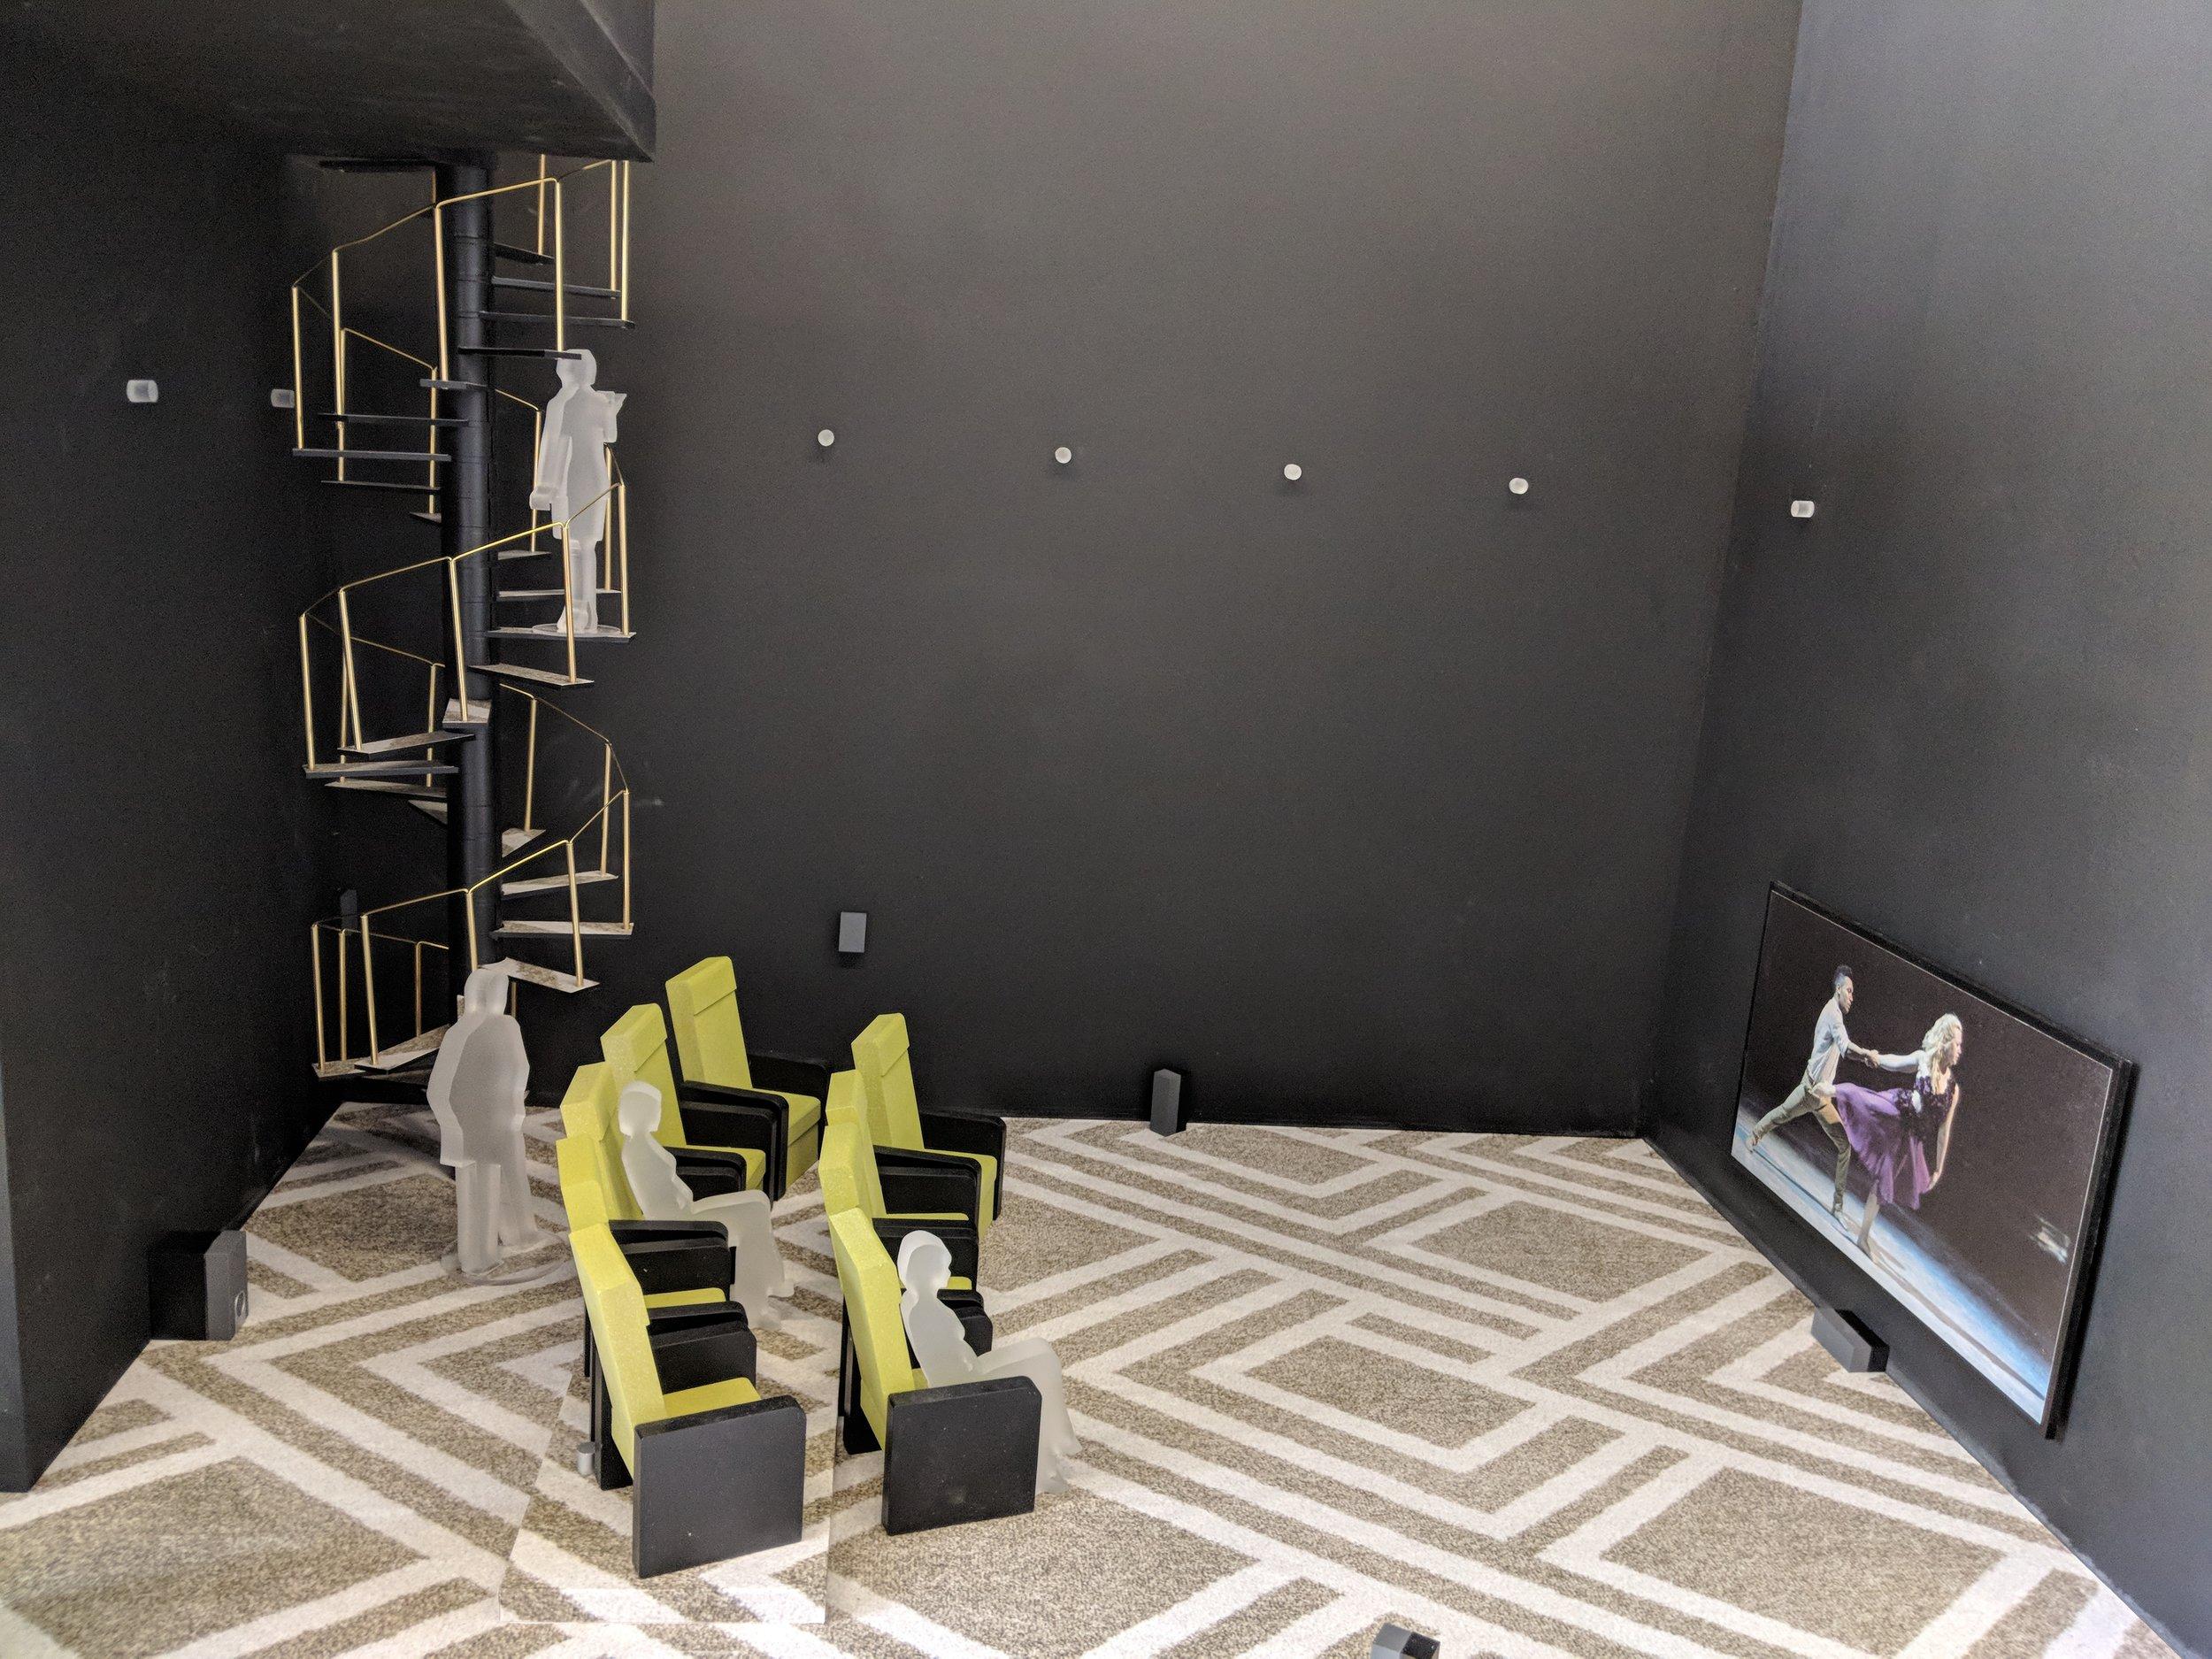 Final Model: Floor Level